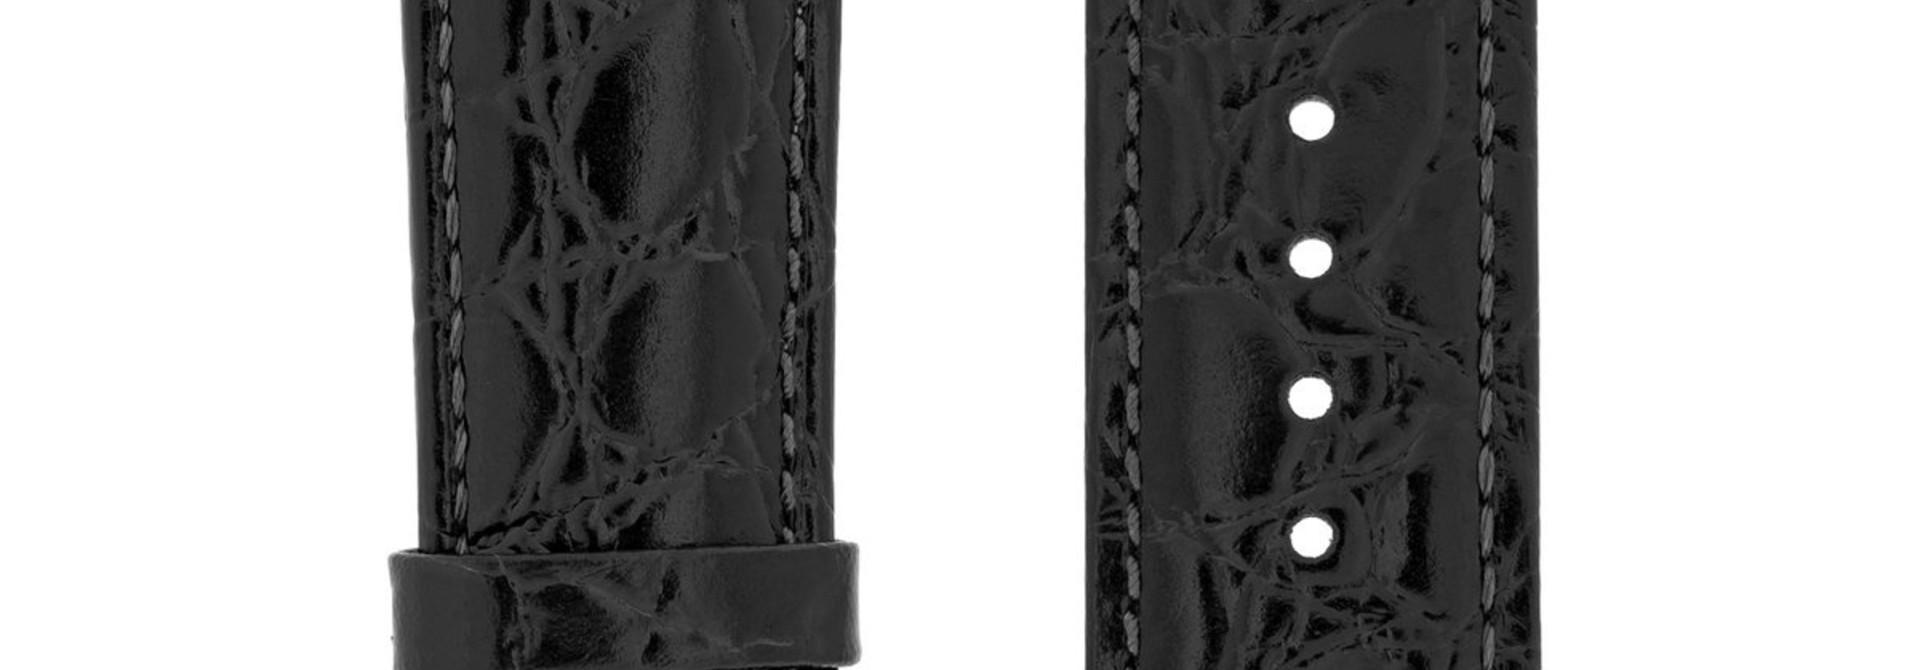 Horlogebandje Crocograin Kalfsleer 13 mm